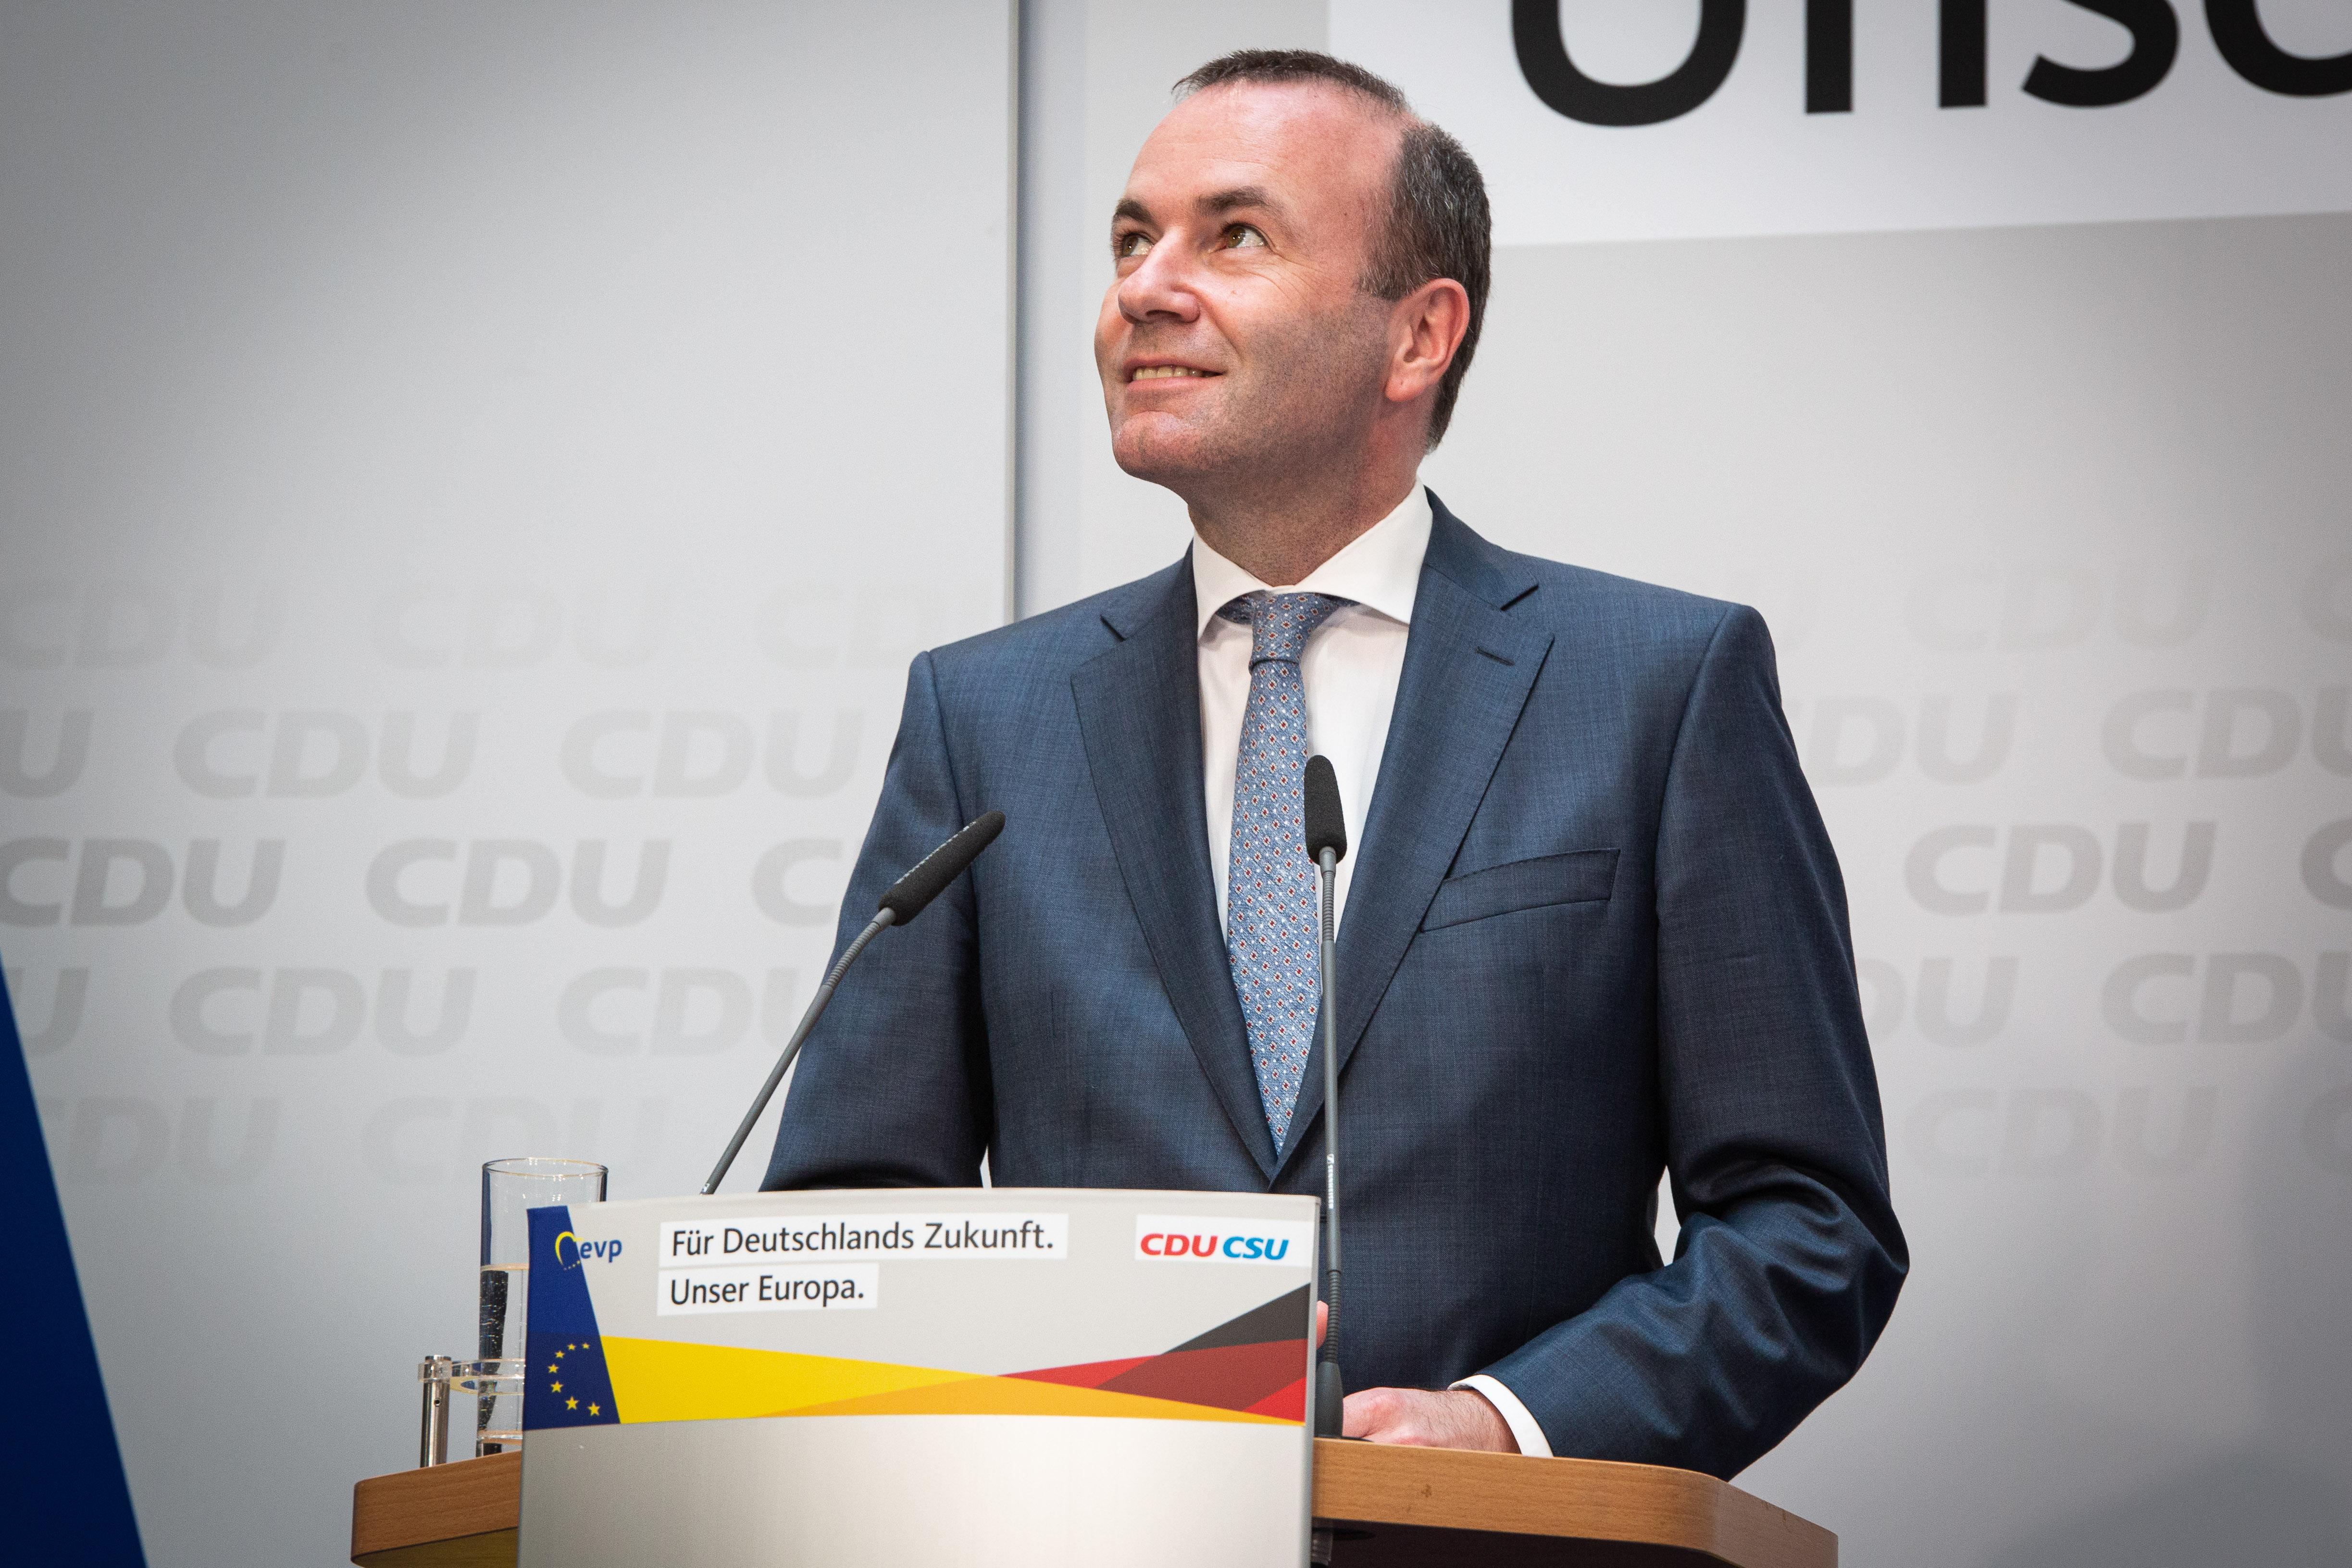 Manfred Weber szociáldemokratákkal, a liberálisokkal és a zöldekkel is tárgyal az Európai Bizottság új elnökéről